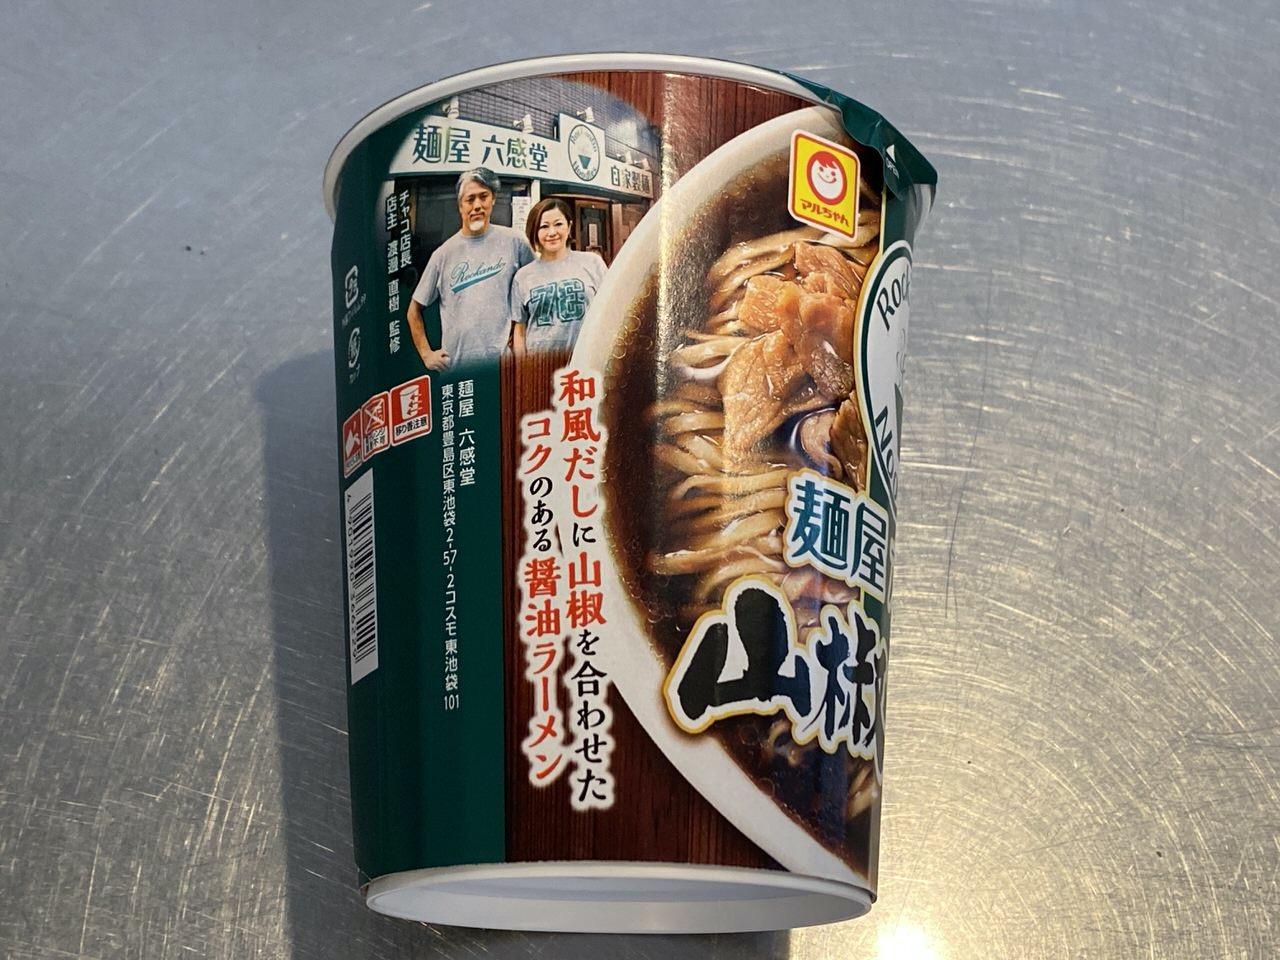 【ファミマ限定】「麺屋 六感堂 山椒ブラック」カップラーメン食べてみた